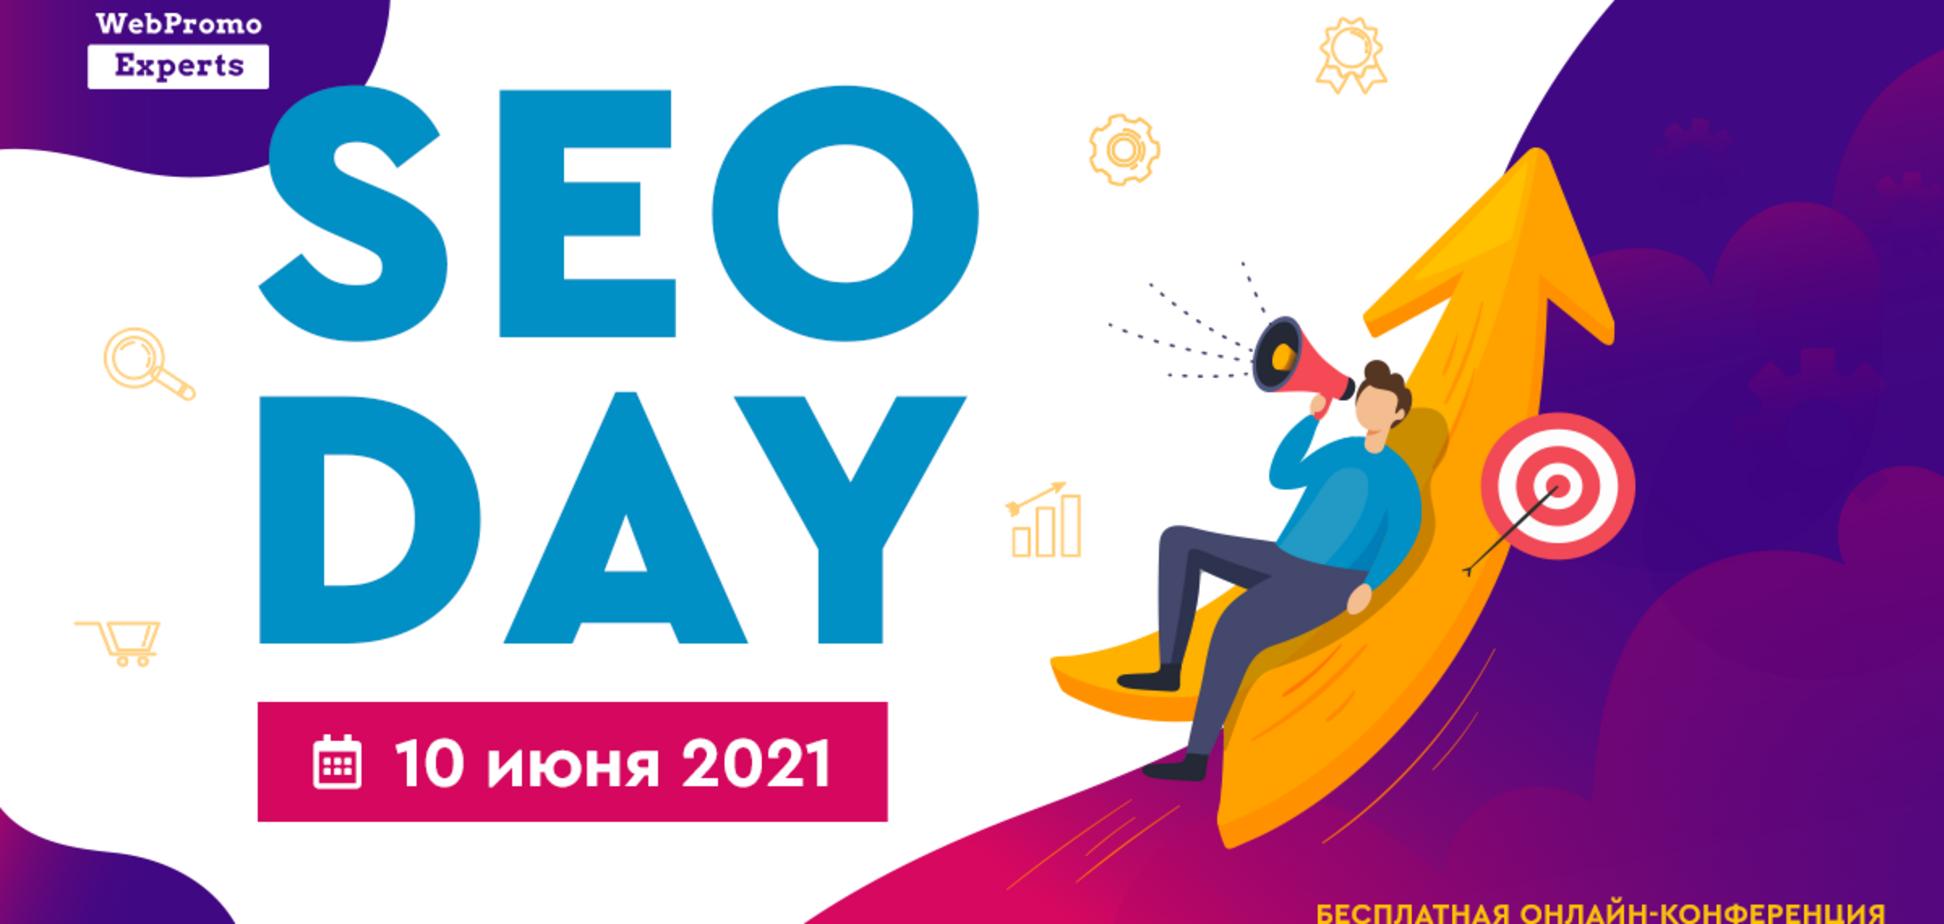 WebPromoExperts проведе безкоштовну онлайн-конференцію SEO Day